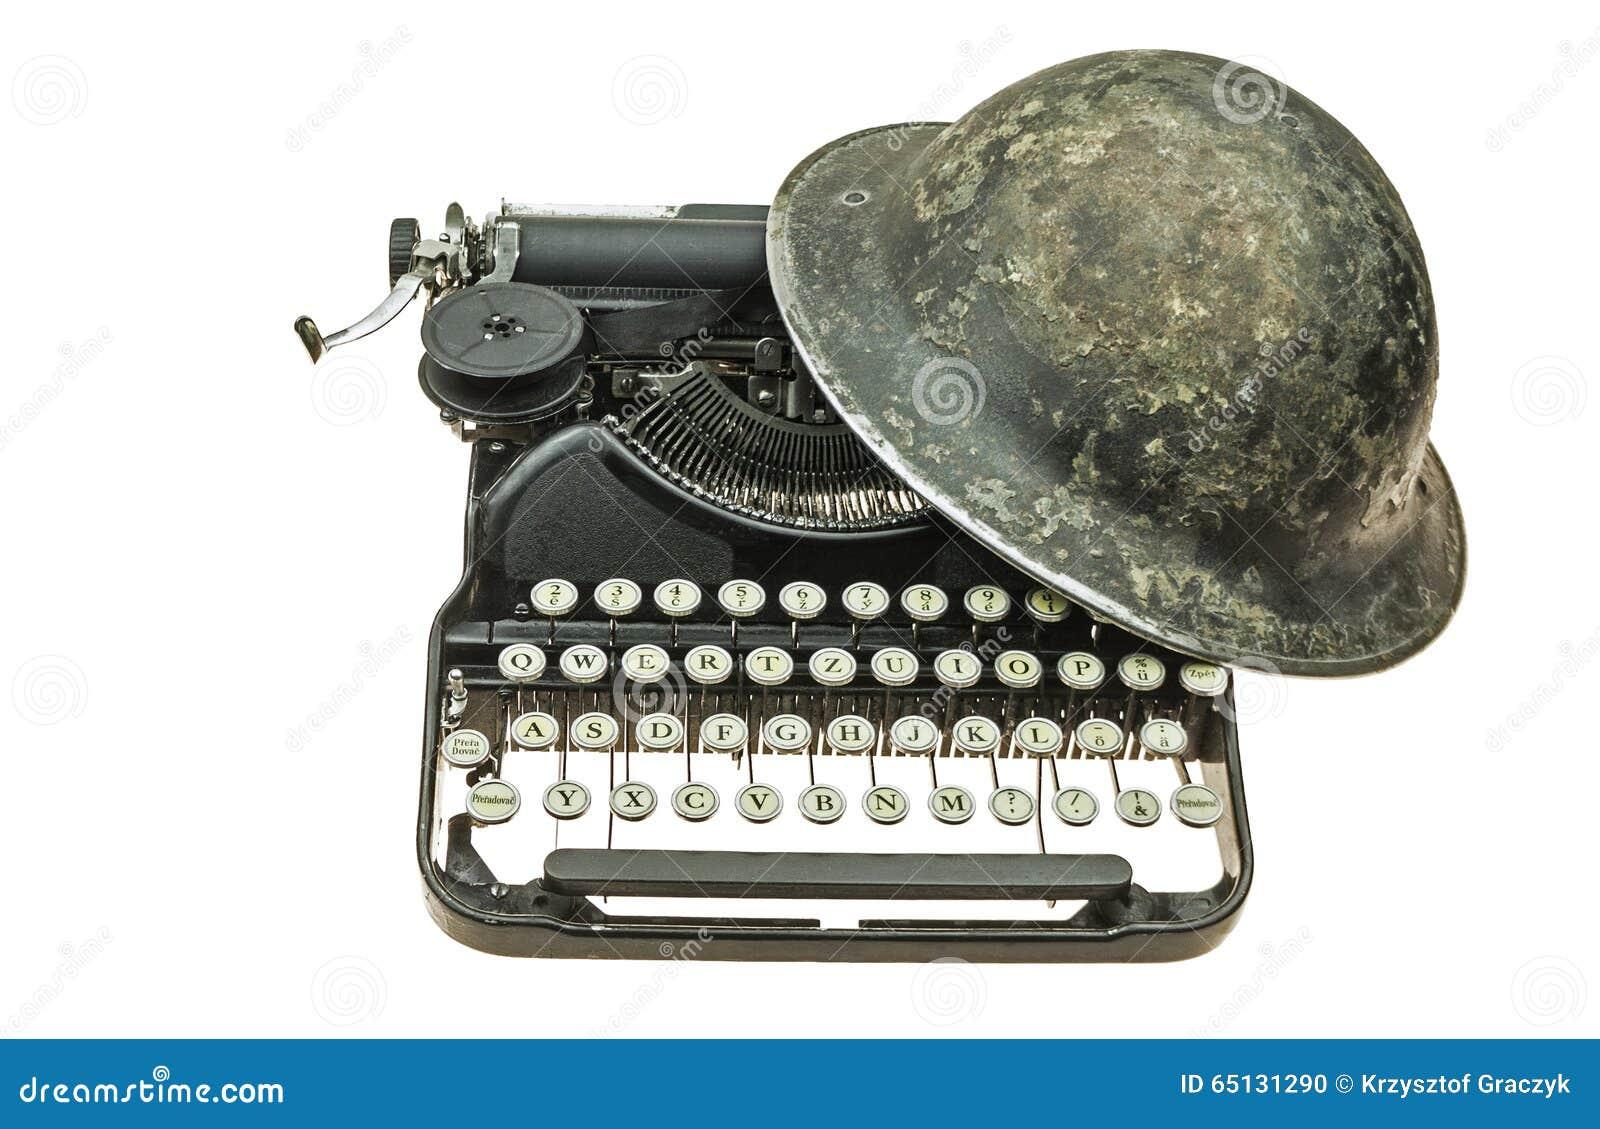 Alter Sturzhelm auf der alten Schreibmaschine